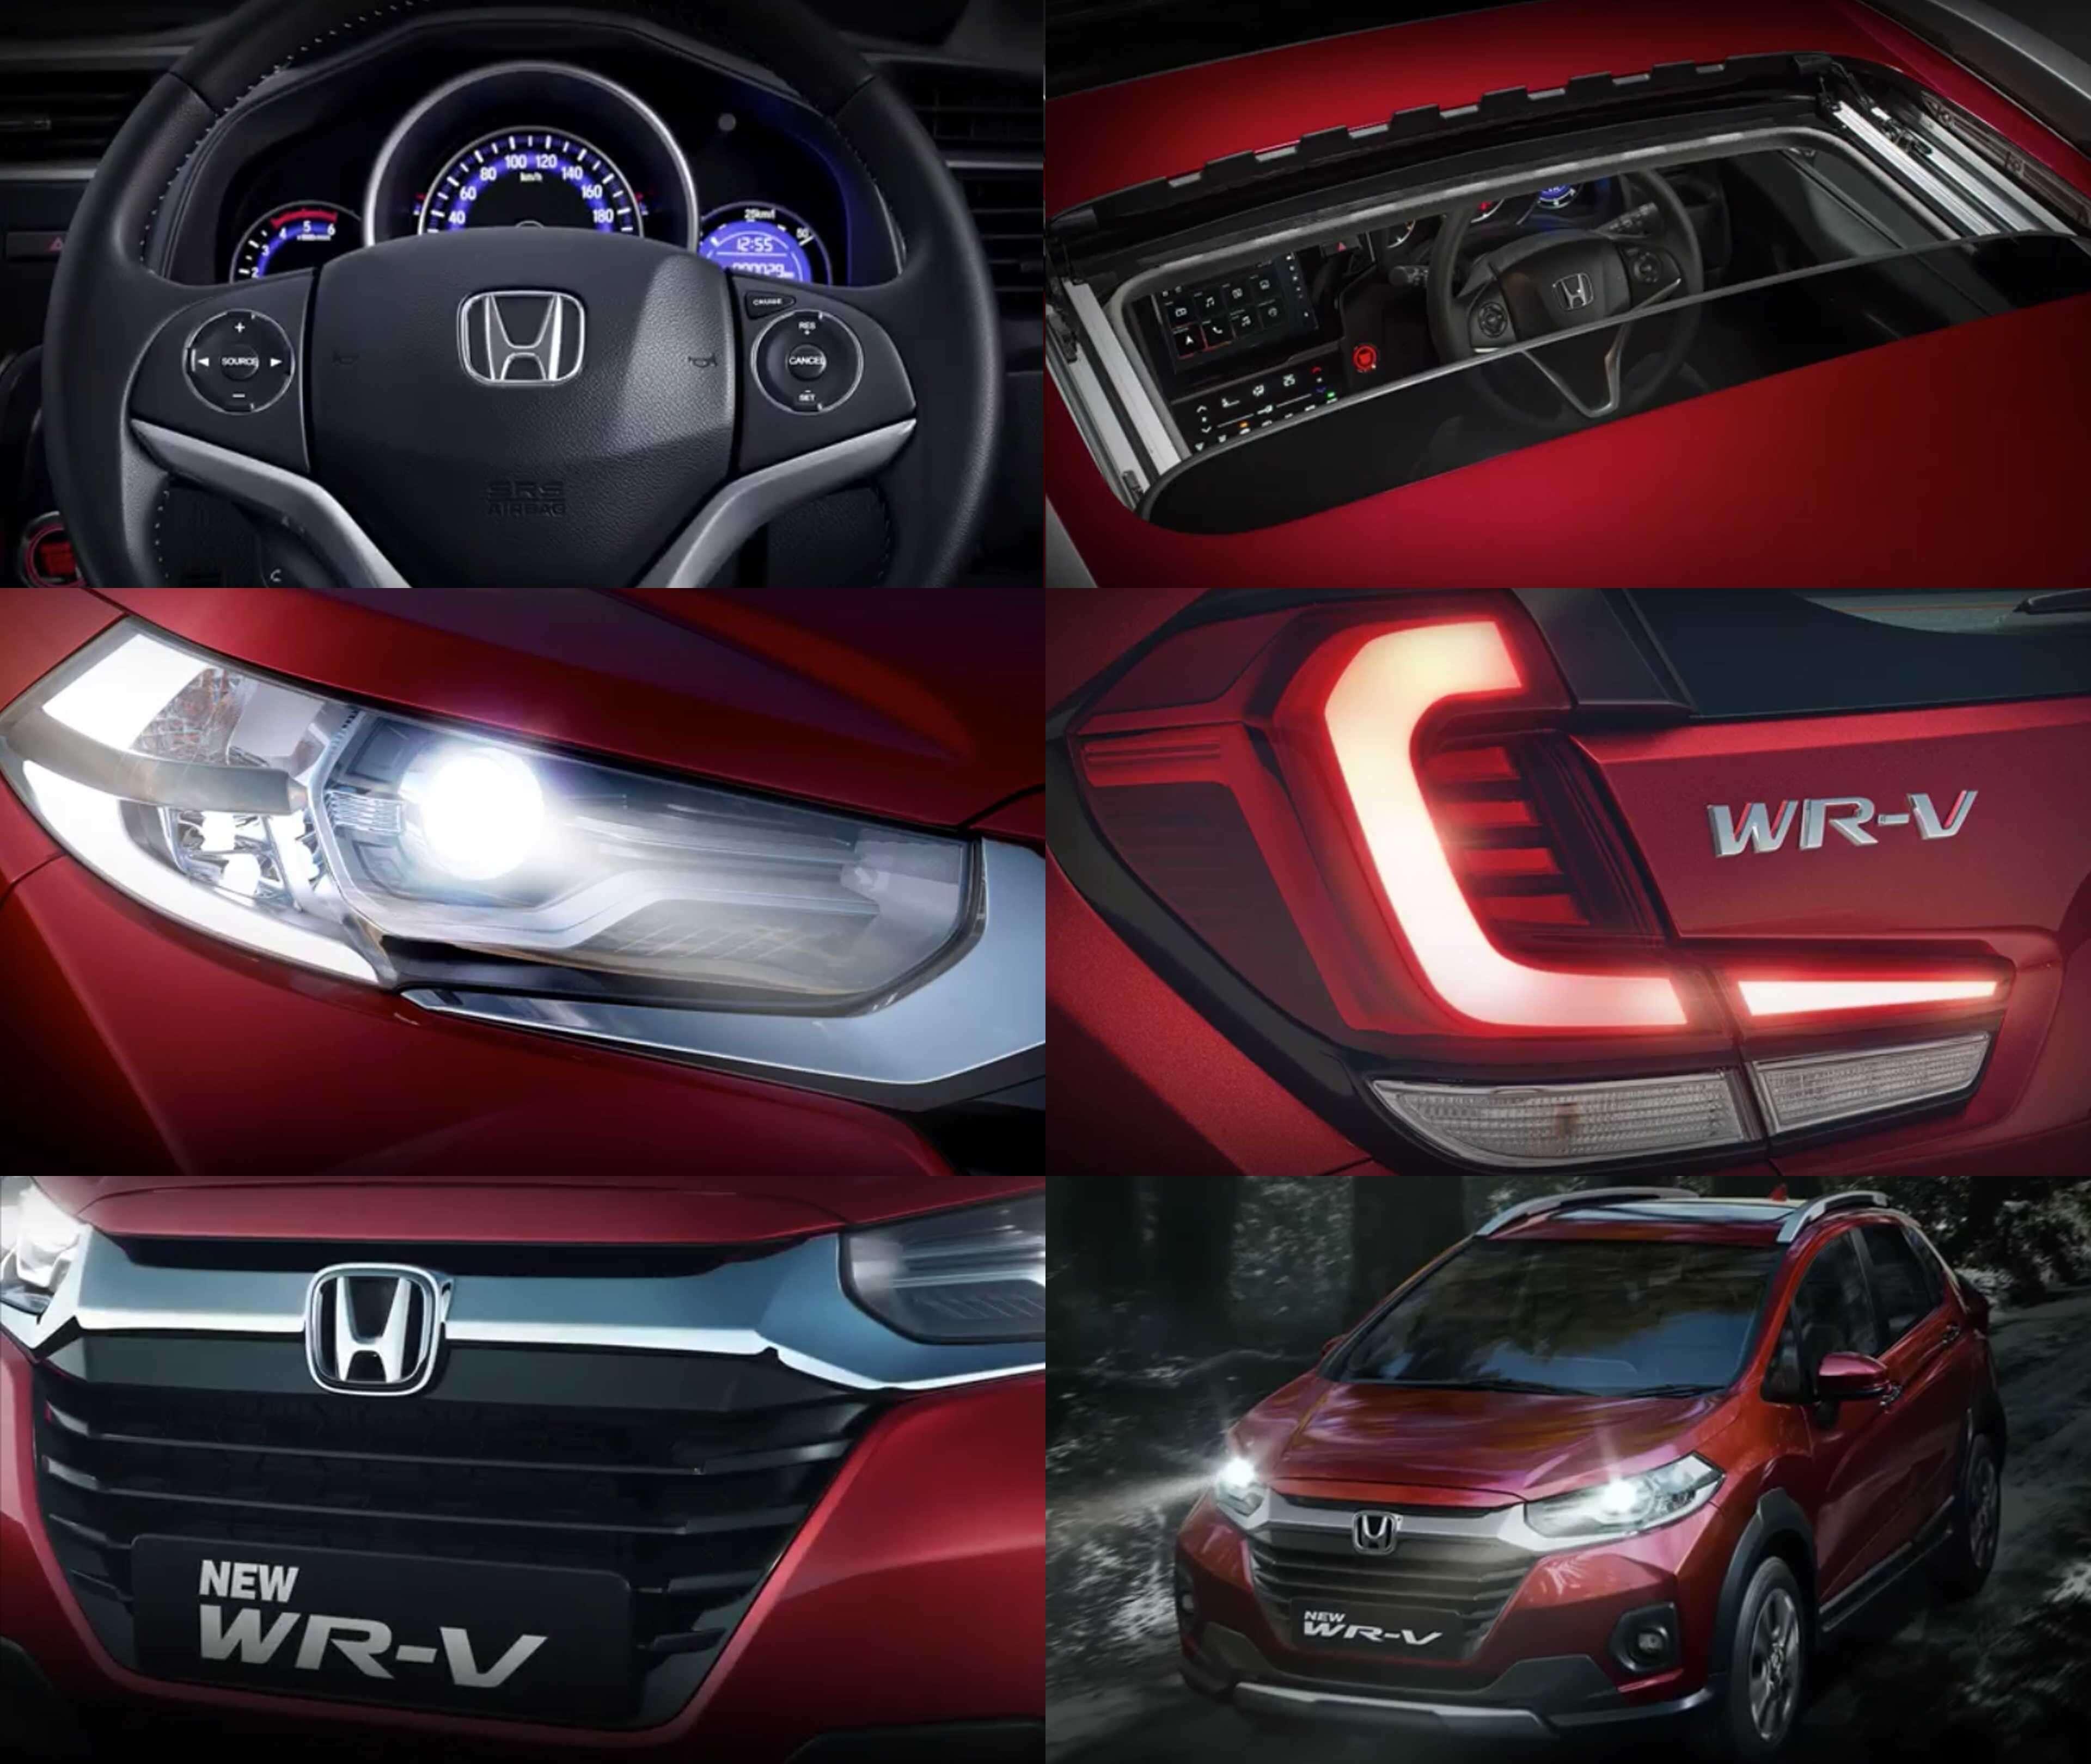 Detalhes do novo WR-V